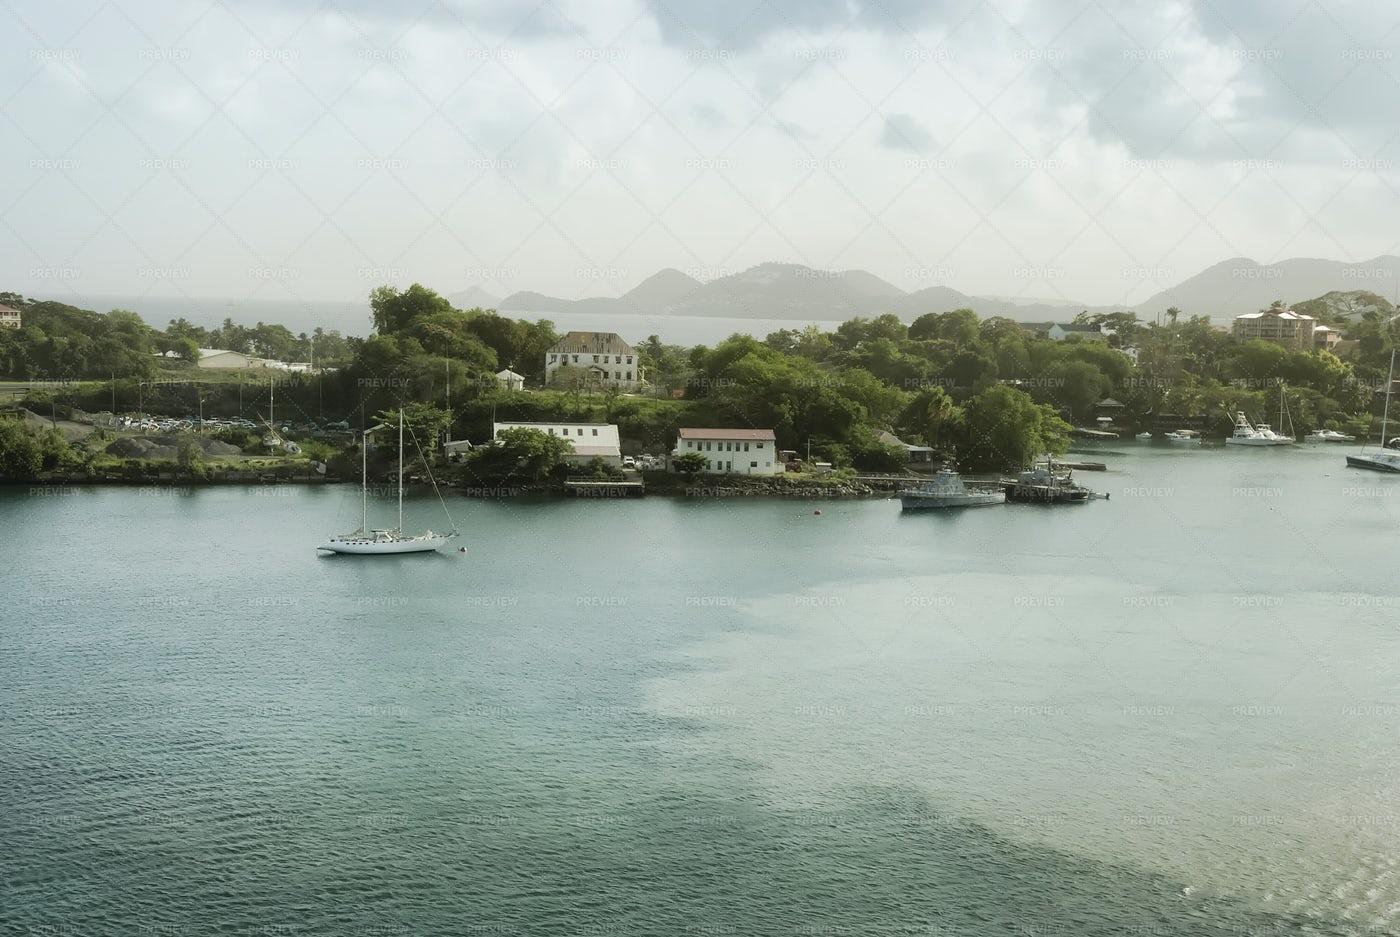 Coastal View Of Saint Lucia: Stock Photos